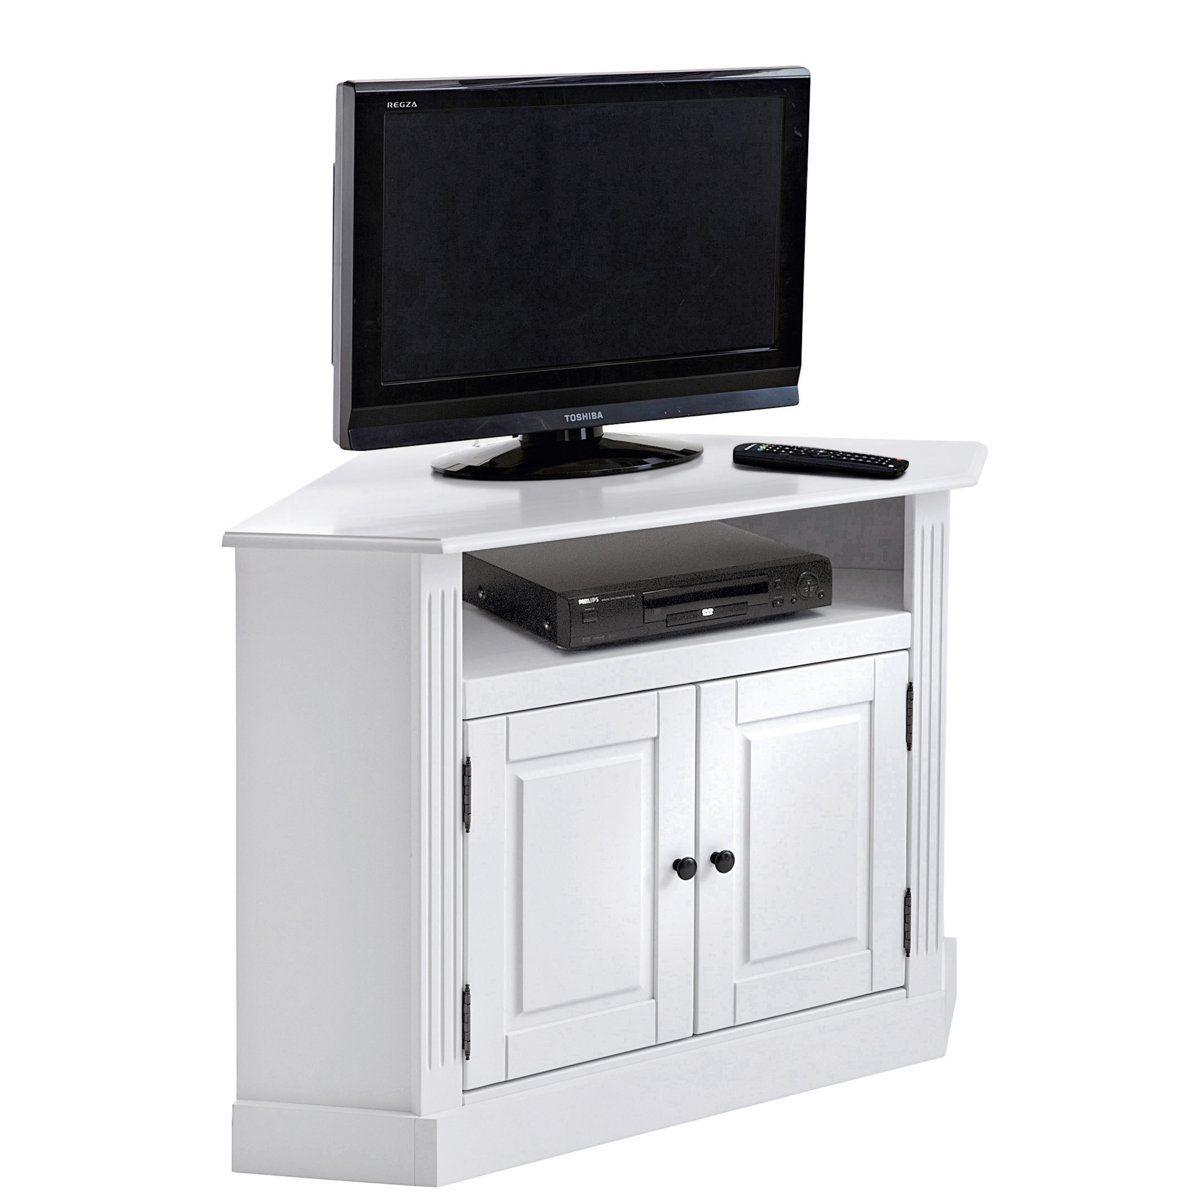 Canape d angle les moins chers de notre comparateur de prix - Meuble tv d angle la redoute ...